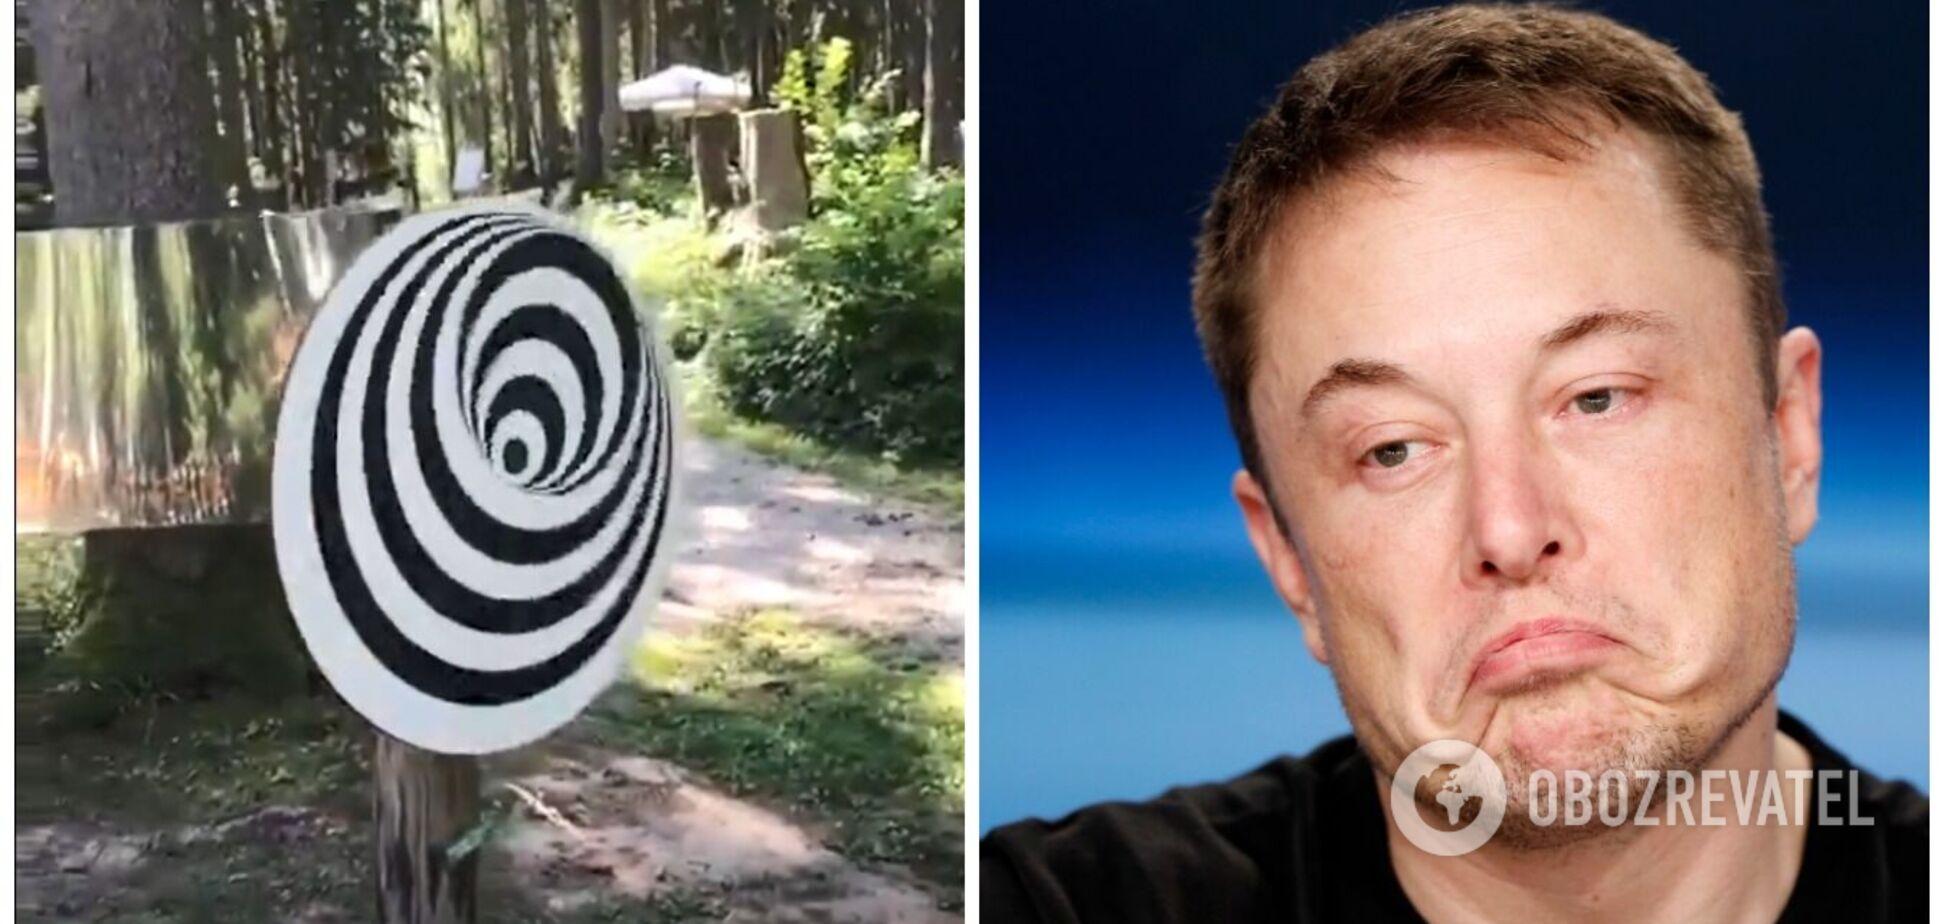 Нова оптична ілюзія з обертовим кругом зламала голову багатьом: оцінив навіть Маск